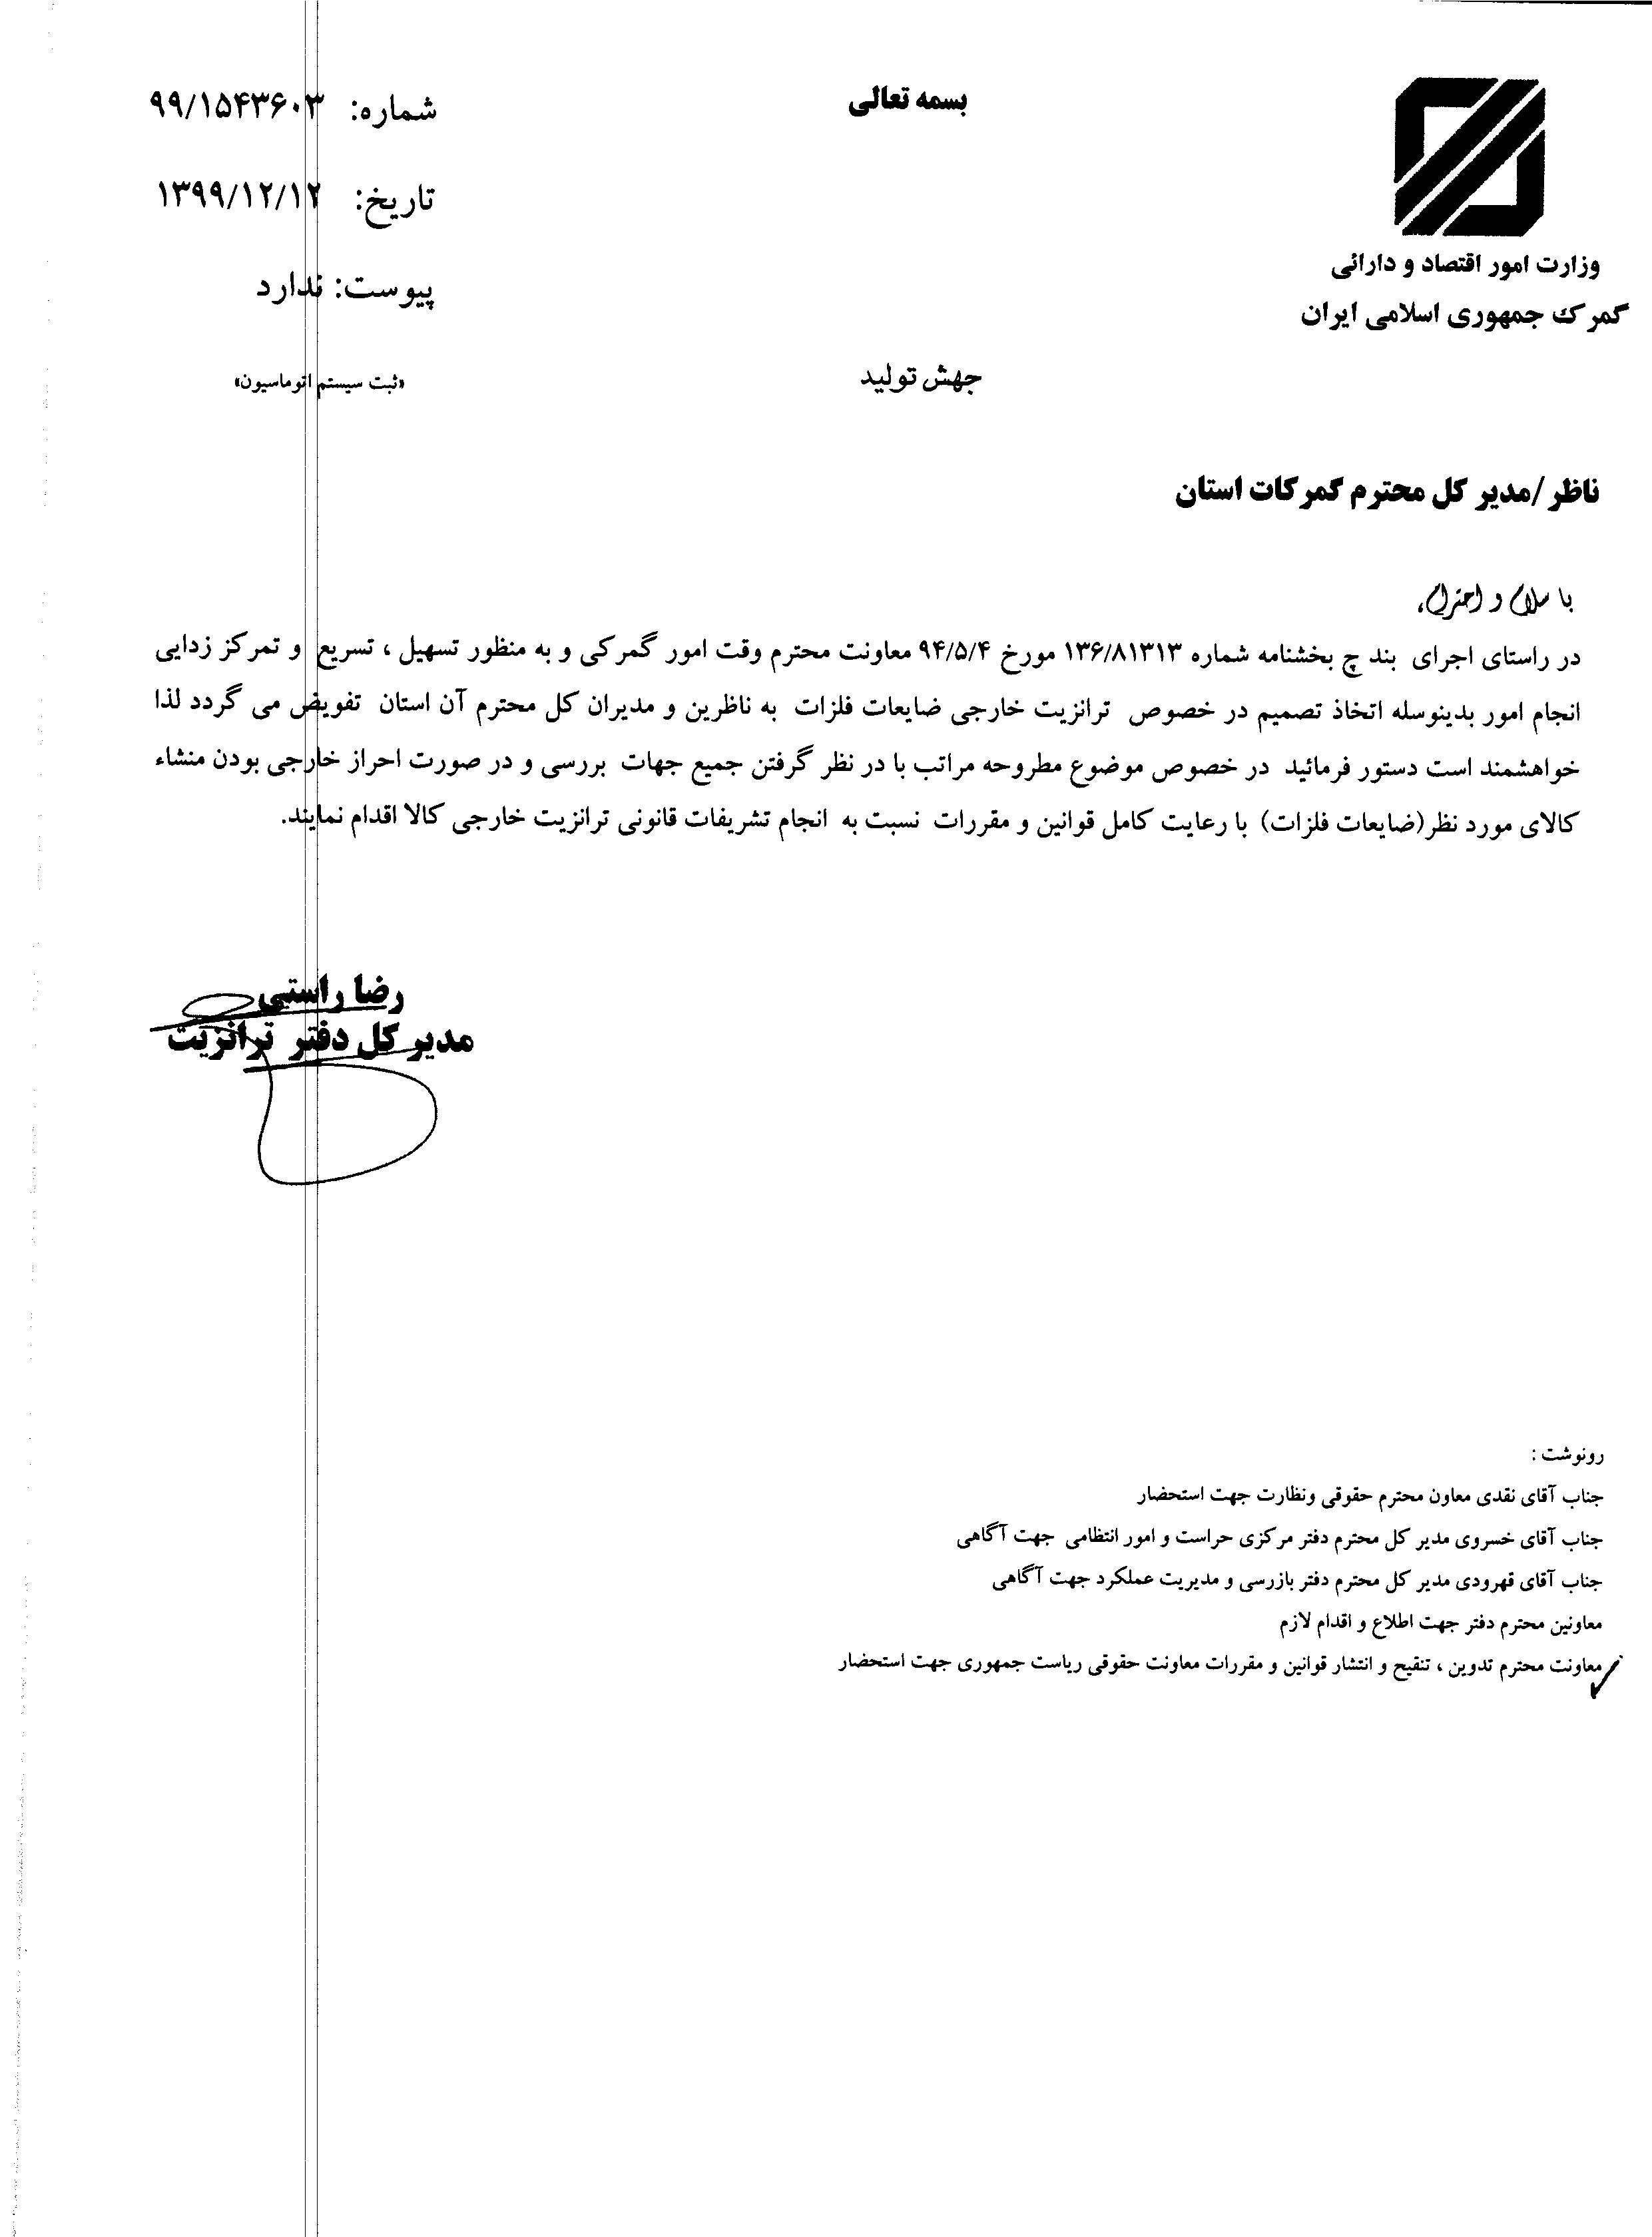 ترانزیت ضایعات فلزات از خاک ایران امکان پذیر شد